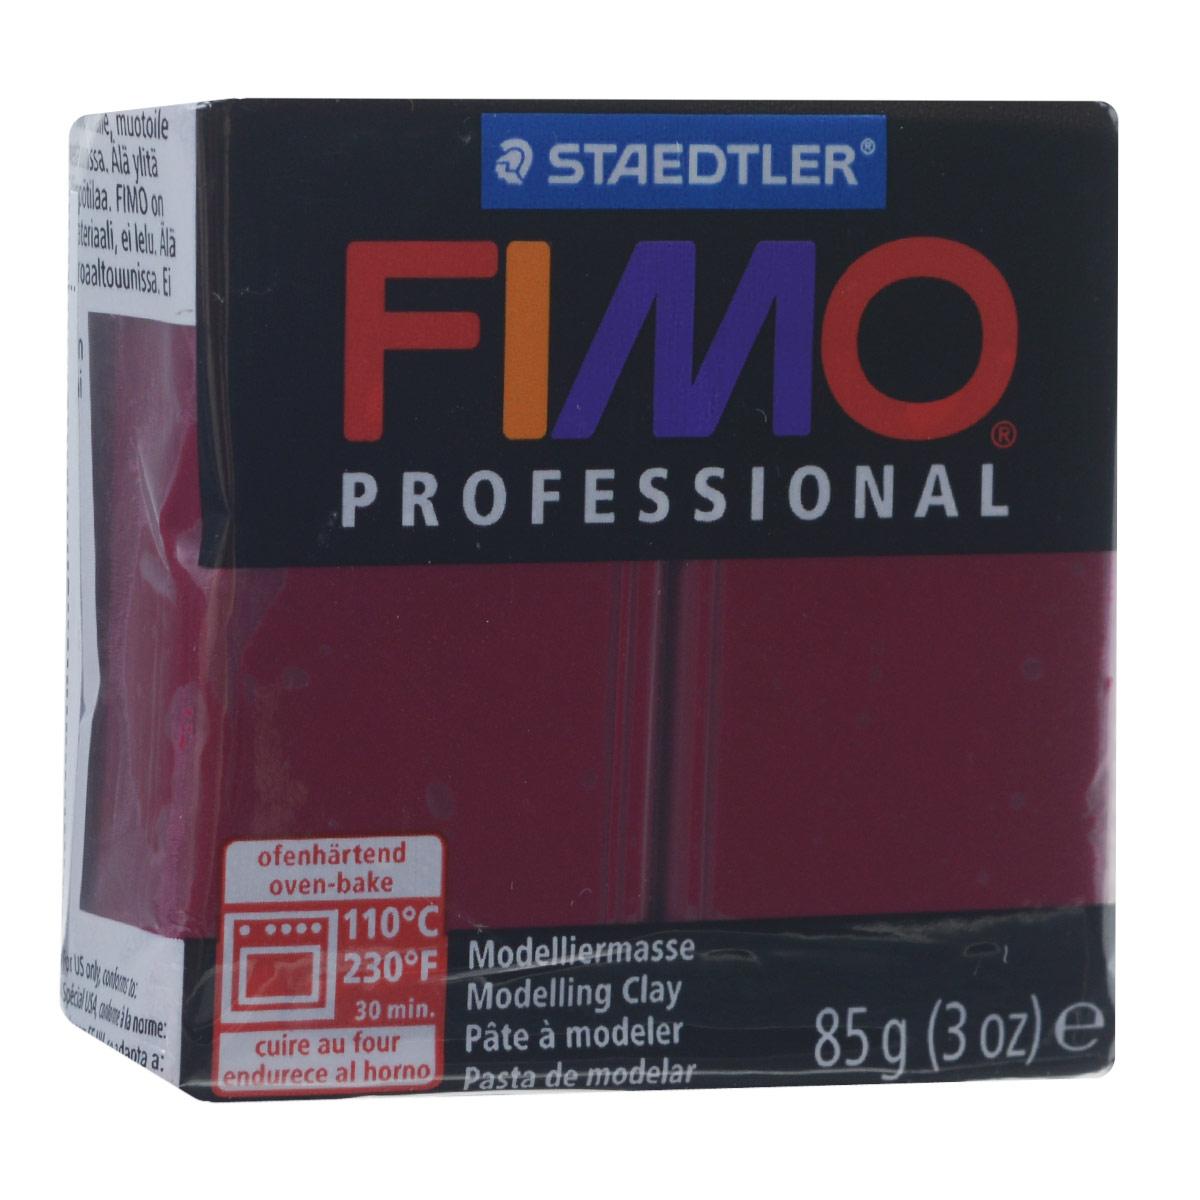 Полимерная глина Fimo Professional, цвет: бордо, 85 г8004-23Мягкая глина на полимерной основе (пластика) Fimo Professional идеально подходит для лепки небольших изделий (украшений, скульптурок, кукол) и для моделирования. Глина обладает отличными пластичными свойствами, хорошо размягчается и лепится, легко смешивается между собой, благодаря чему можно создать огромное количество поделок любых цветов и оттенков, не имеет запаха. Блок разделен на 2 сегмента, что позволяет легче разделять глину на порции. В домашних условиях готовая поделка выпекается в духовом шкафу при температуре 110°С в течение 15-30 минут (в зависимости от величины изделия). Отвердевшие изделия могут быть раскрашены акриловыми красками, покрыты лаком, склеены друг с другом или с другими материалами.